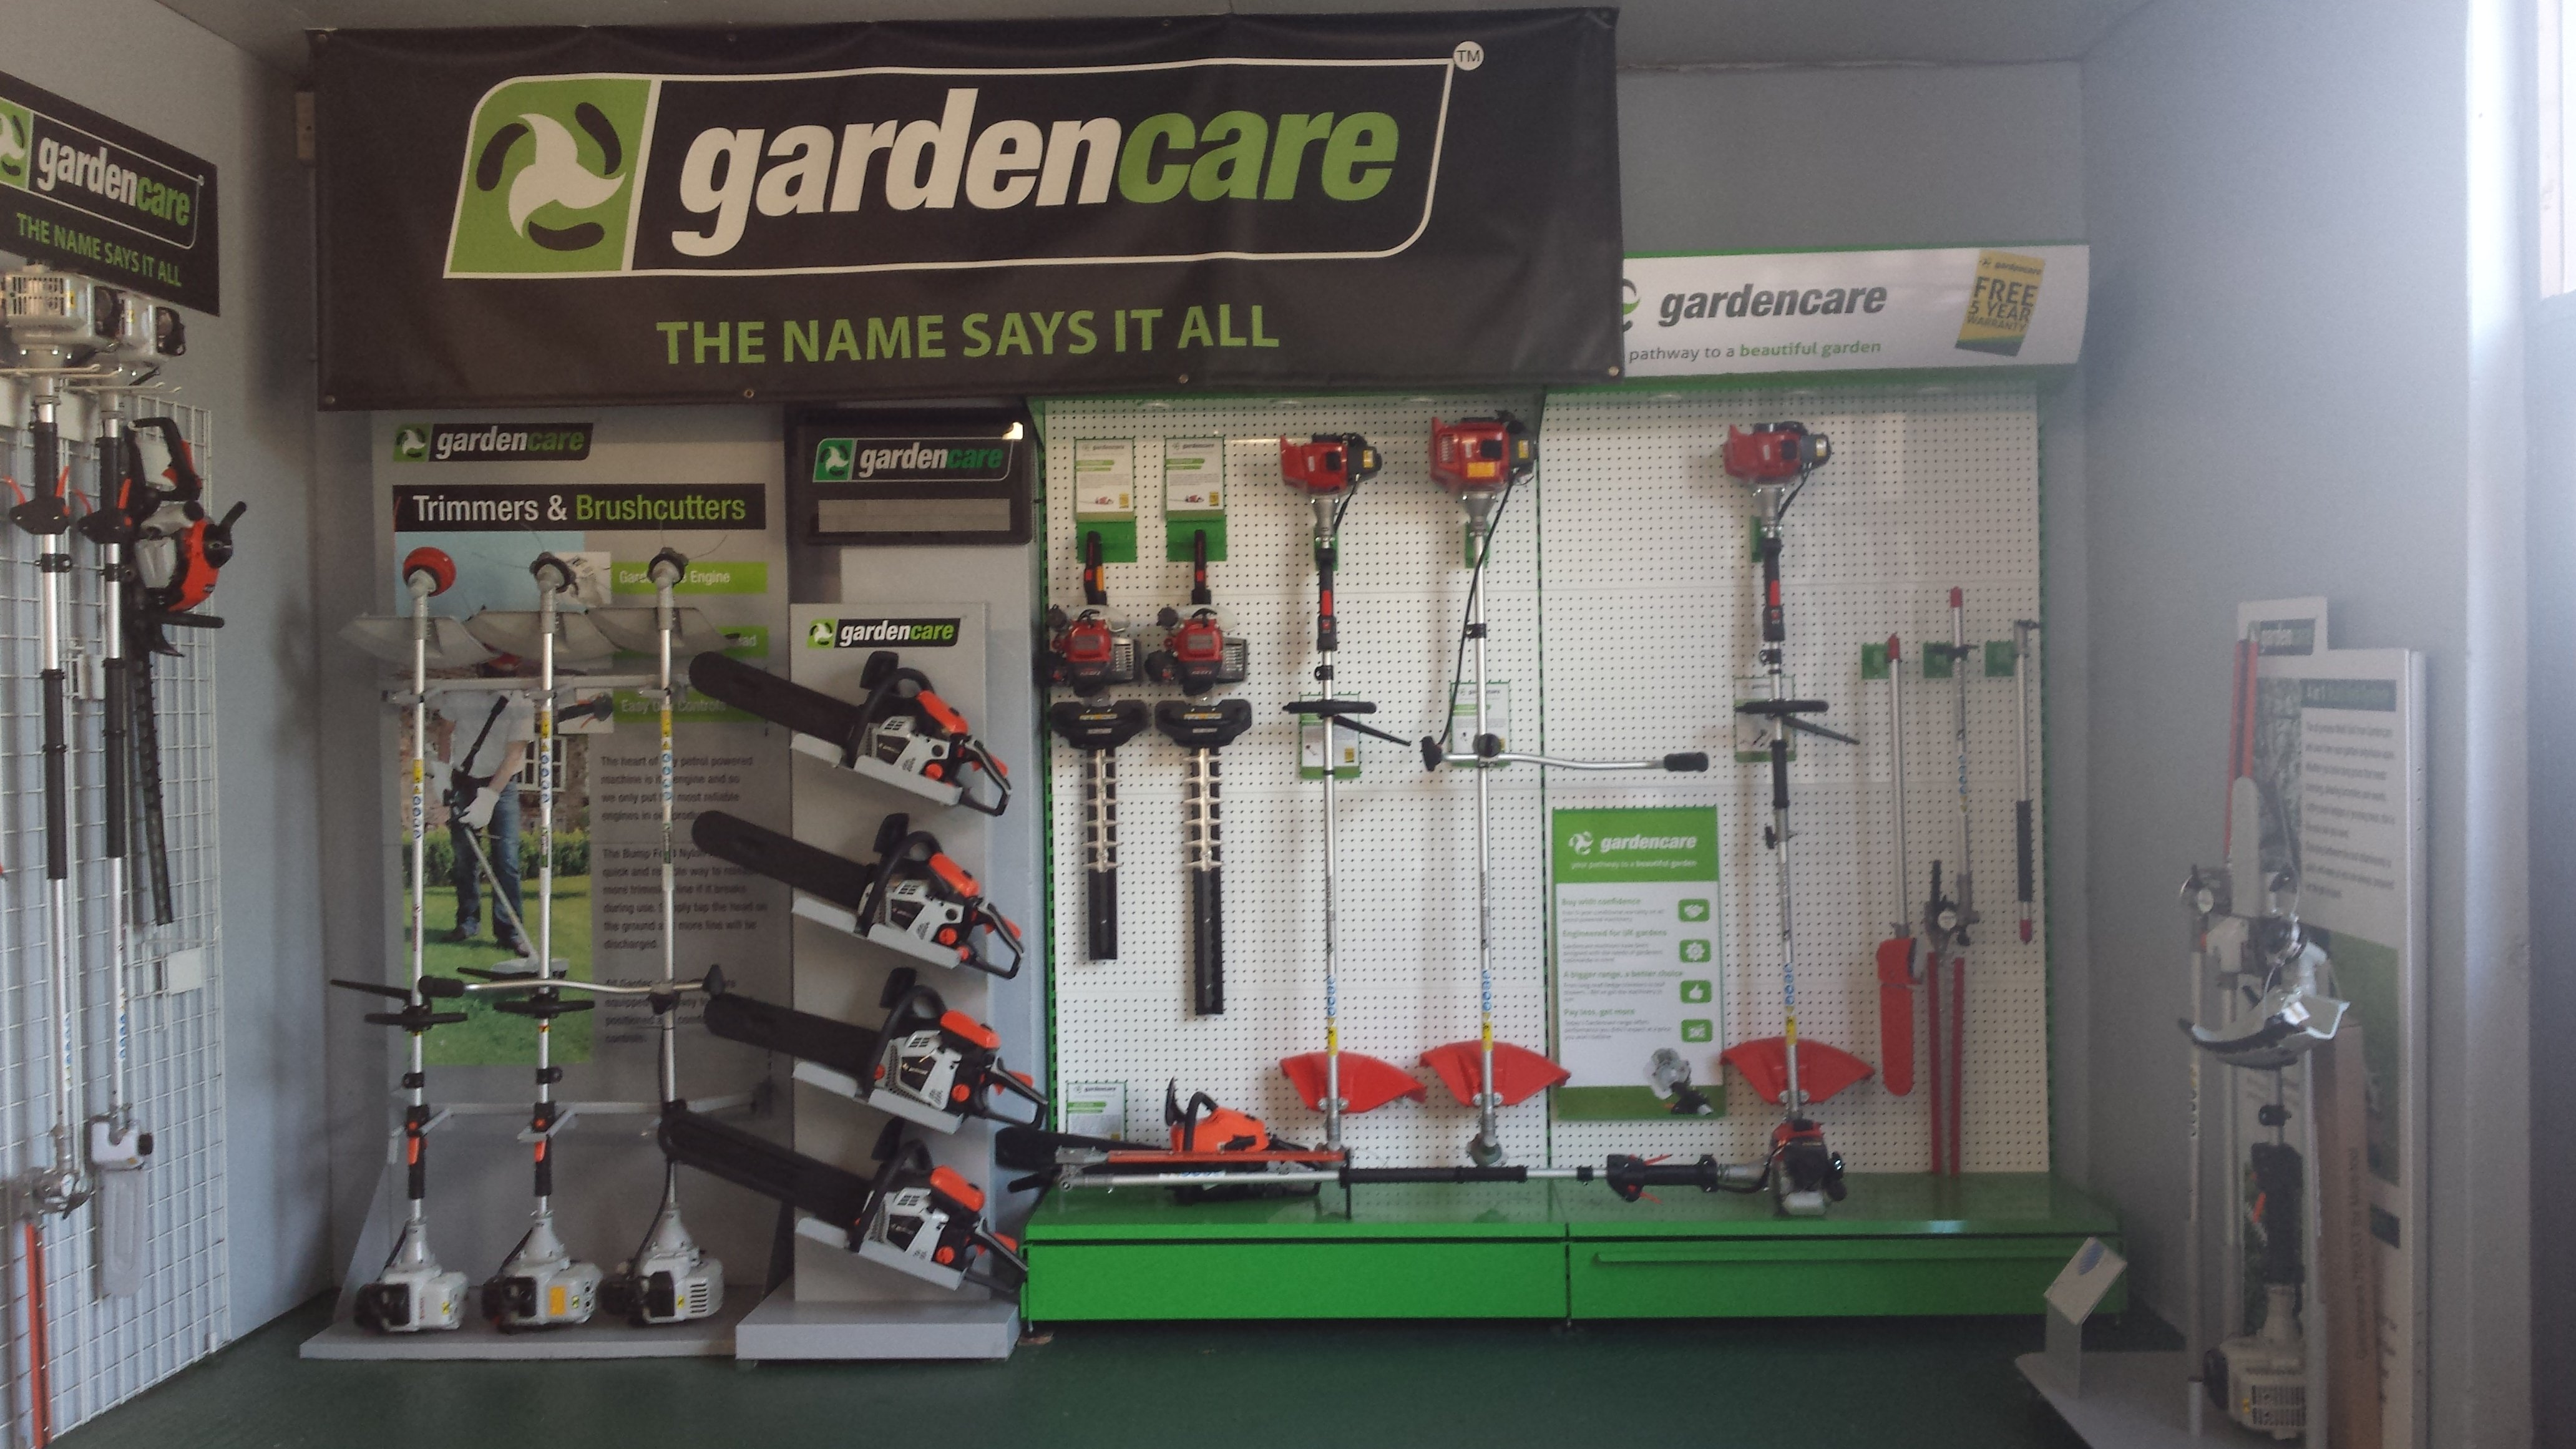 gardencare stocks